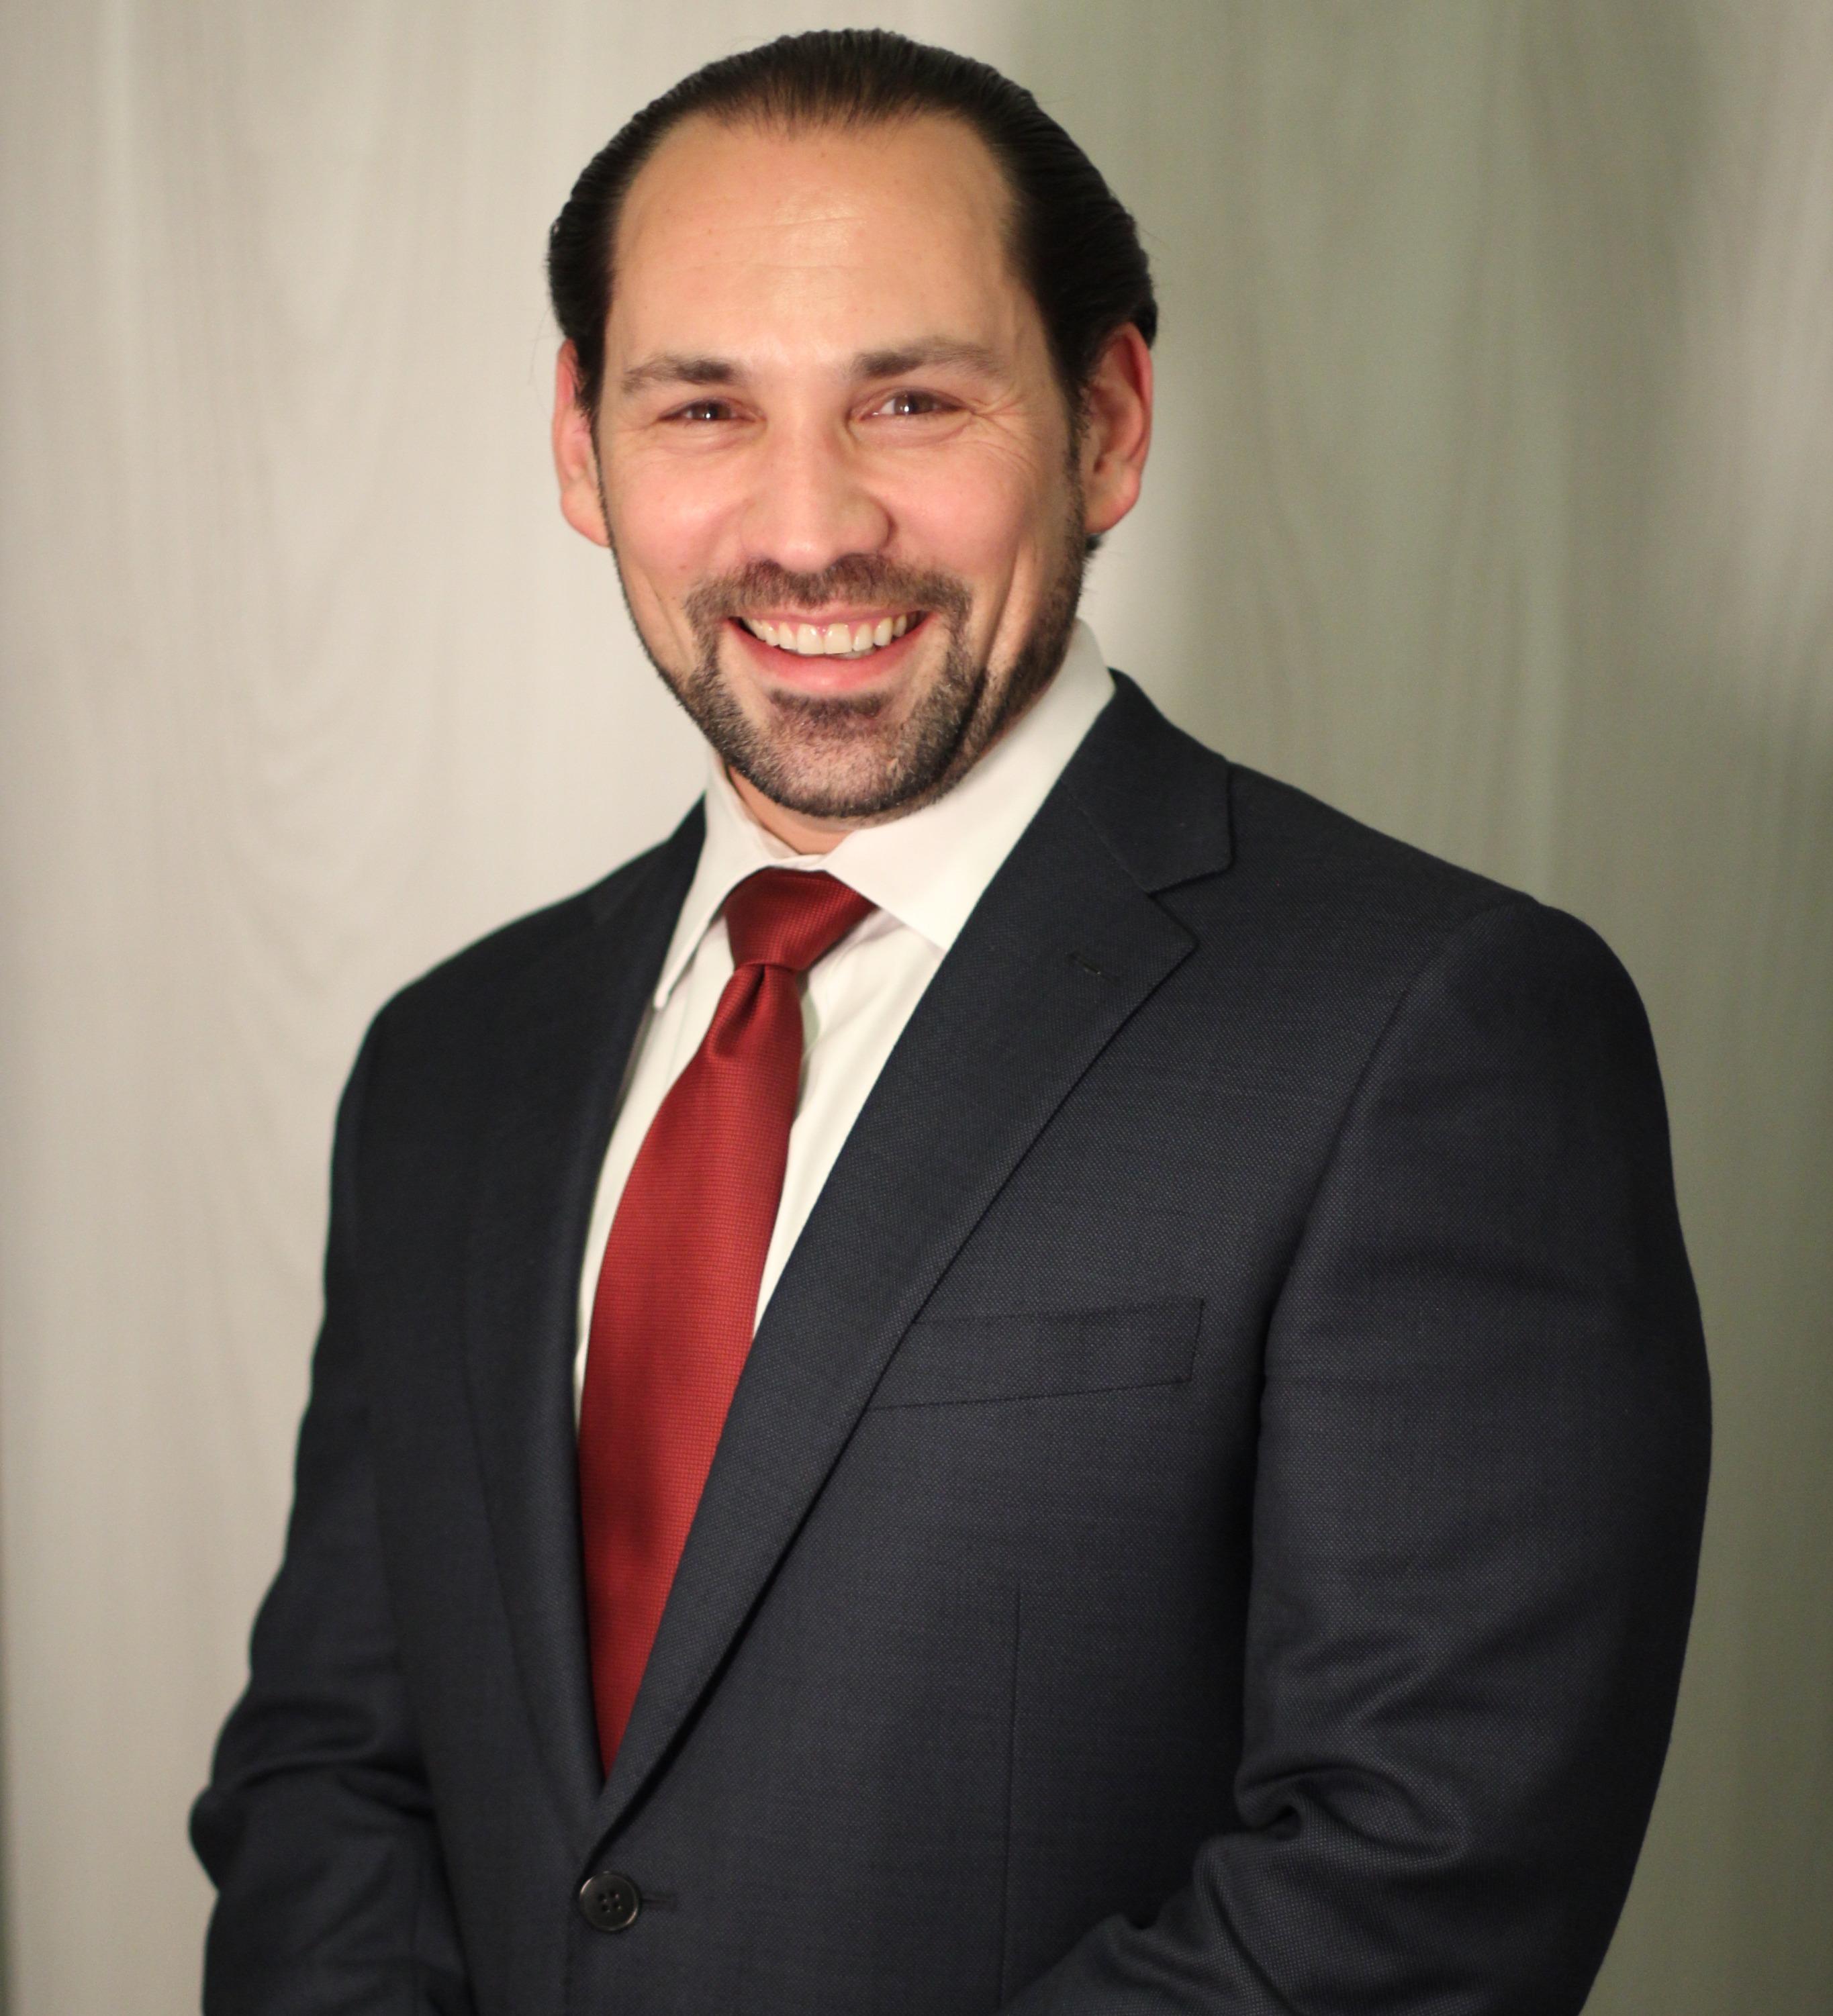 Daniel R. Silver's Profile Image